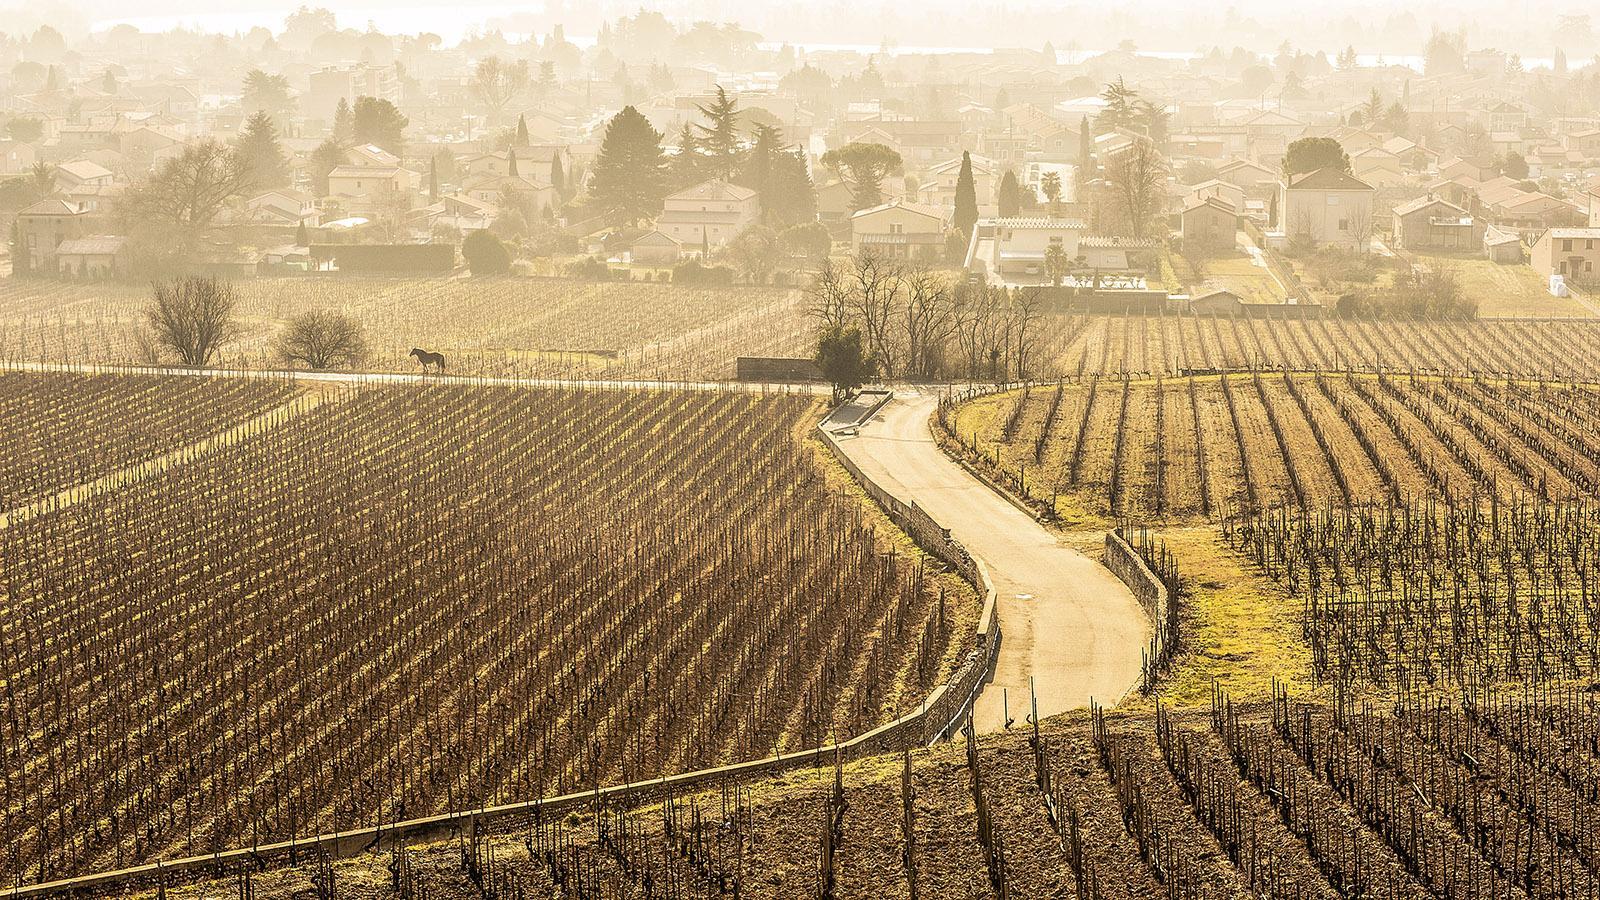 Die Weingärten von Tain-l'Hermitage im Winter. Foto: Hilke Maunder